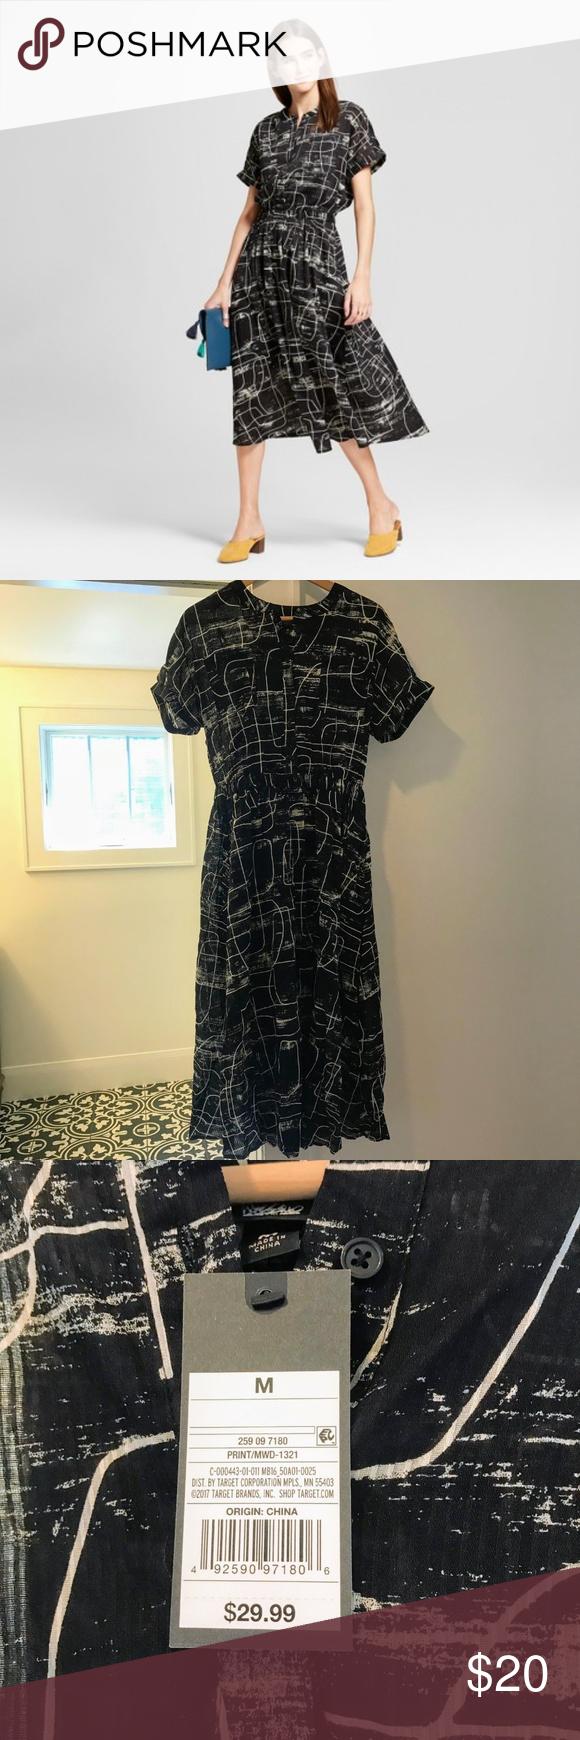 Black Printed Midi Dress Printed Midi Dress Midi Dress Dresses [ 1740 x 580 Pixel ]